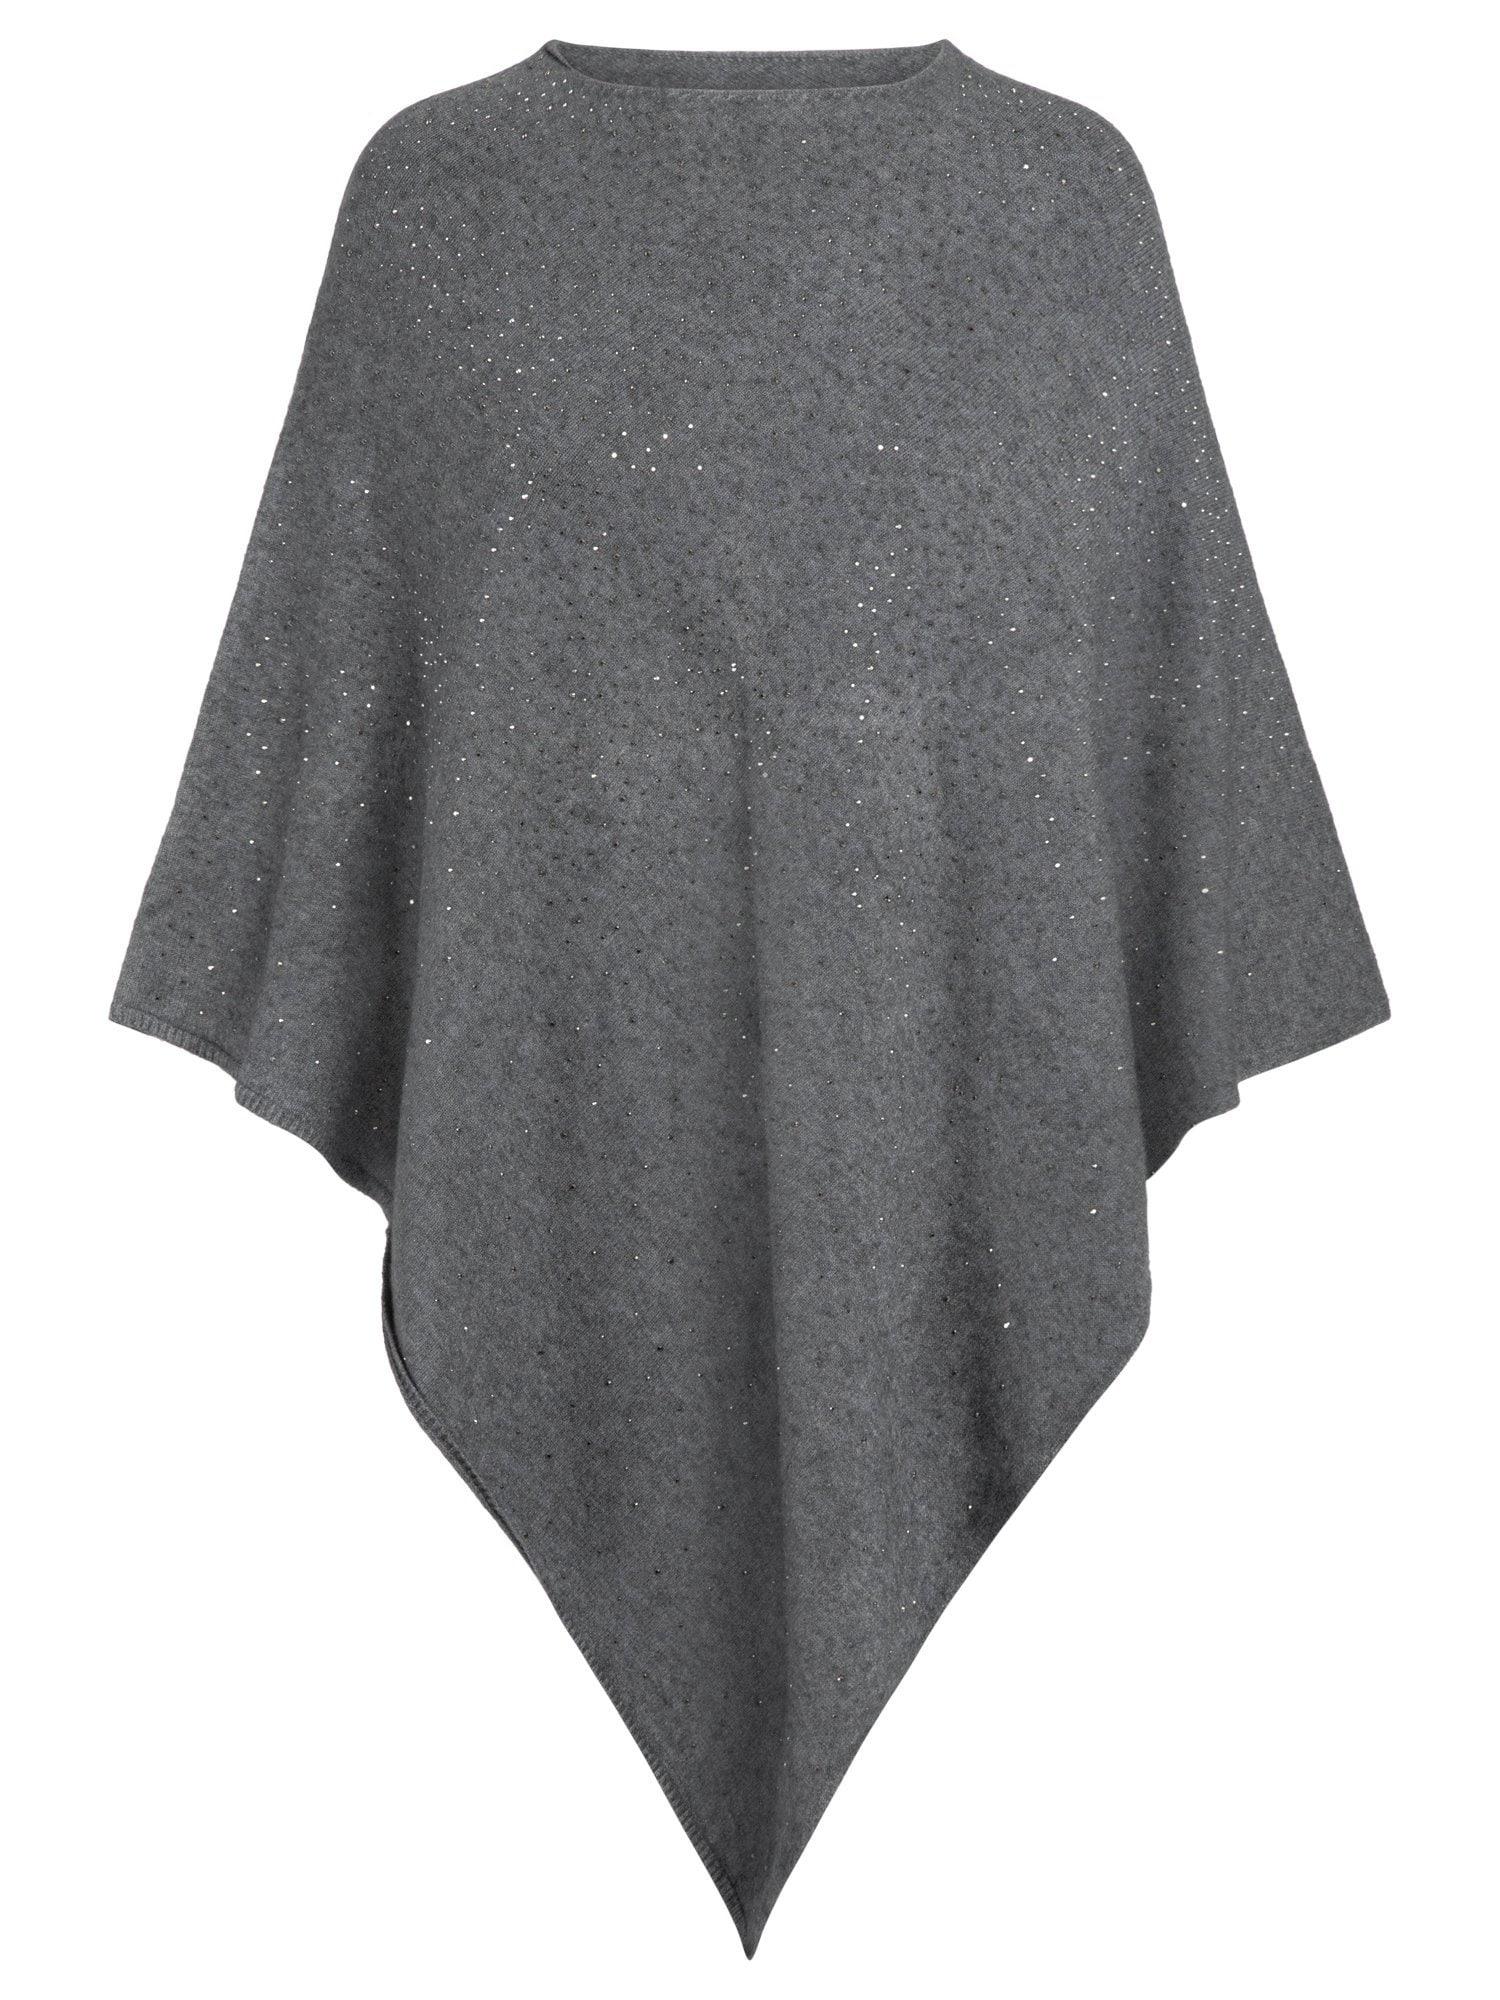 Strickponcho mit kleinen Glitzer-Applikationen | Bekleidung > Pullover > Ponchos & Capes | Apart